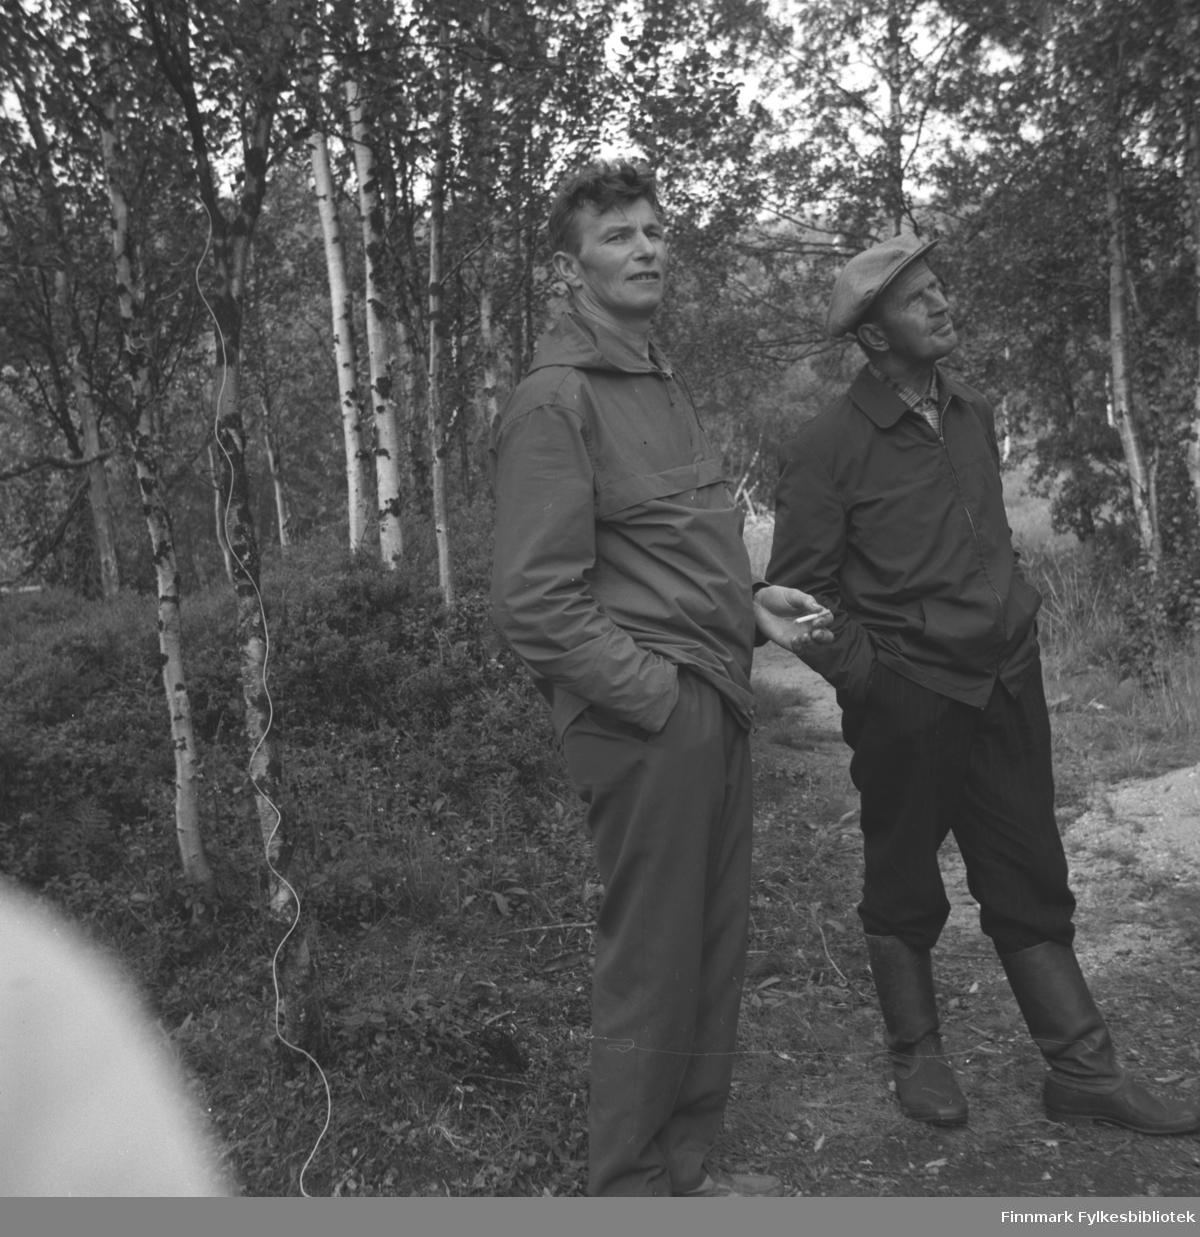 Eino Drannem og Uuno Lappalainen fotografert  i skogen i Neiden.